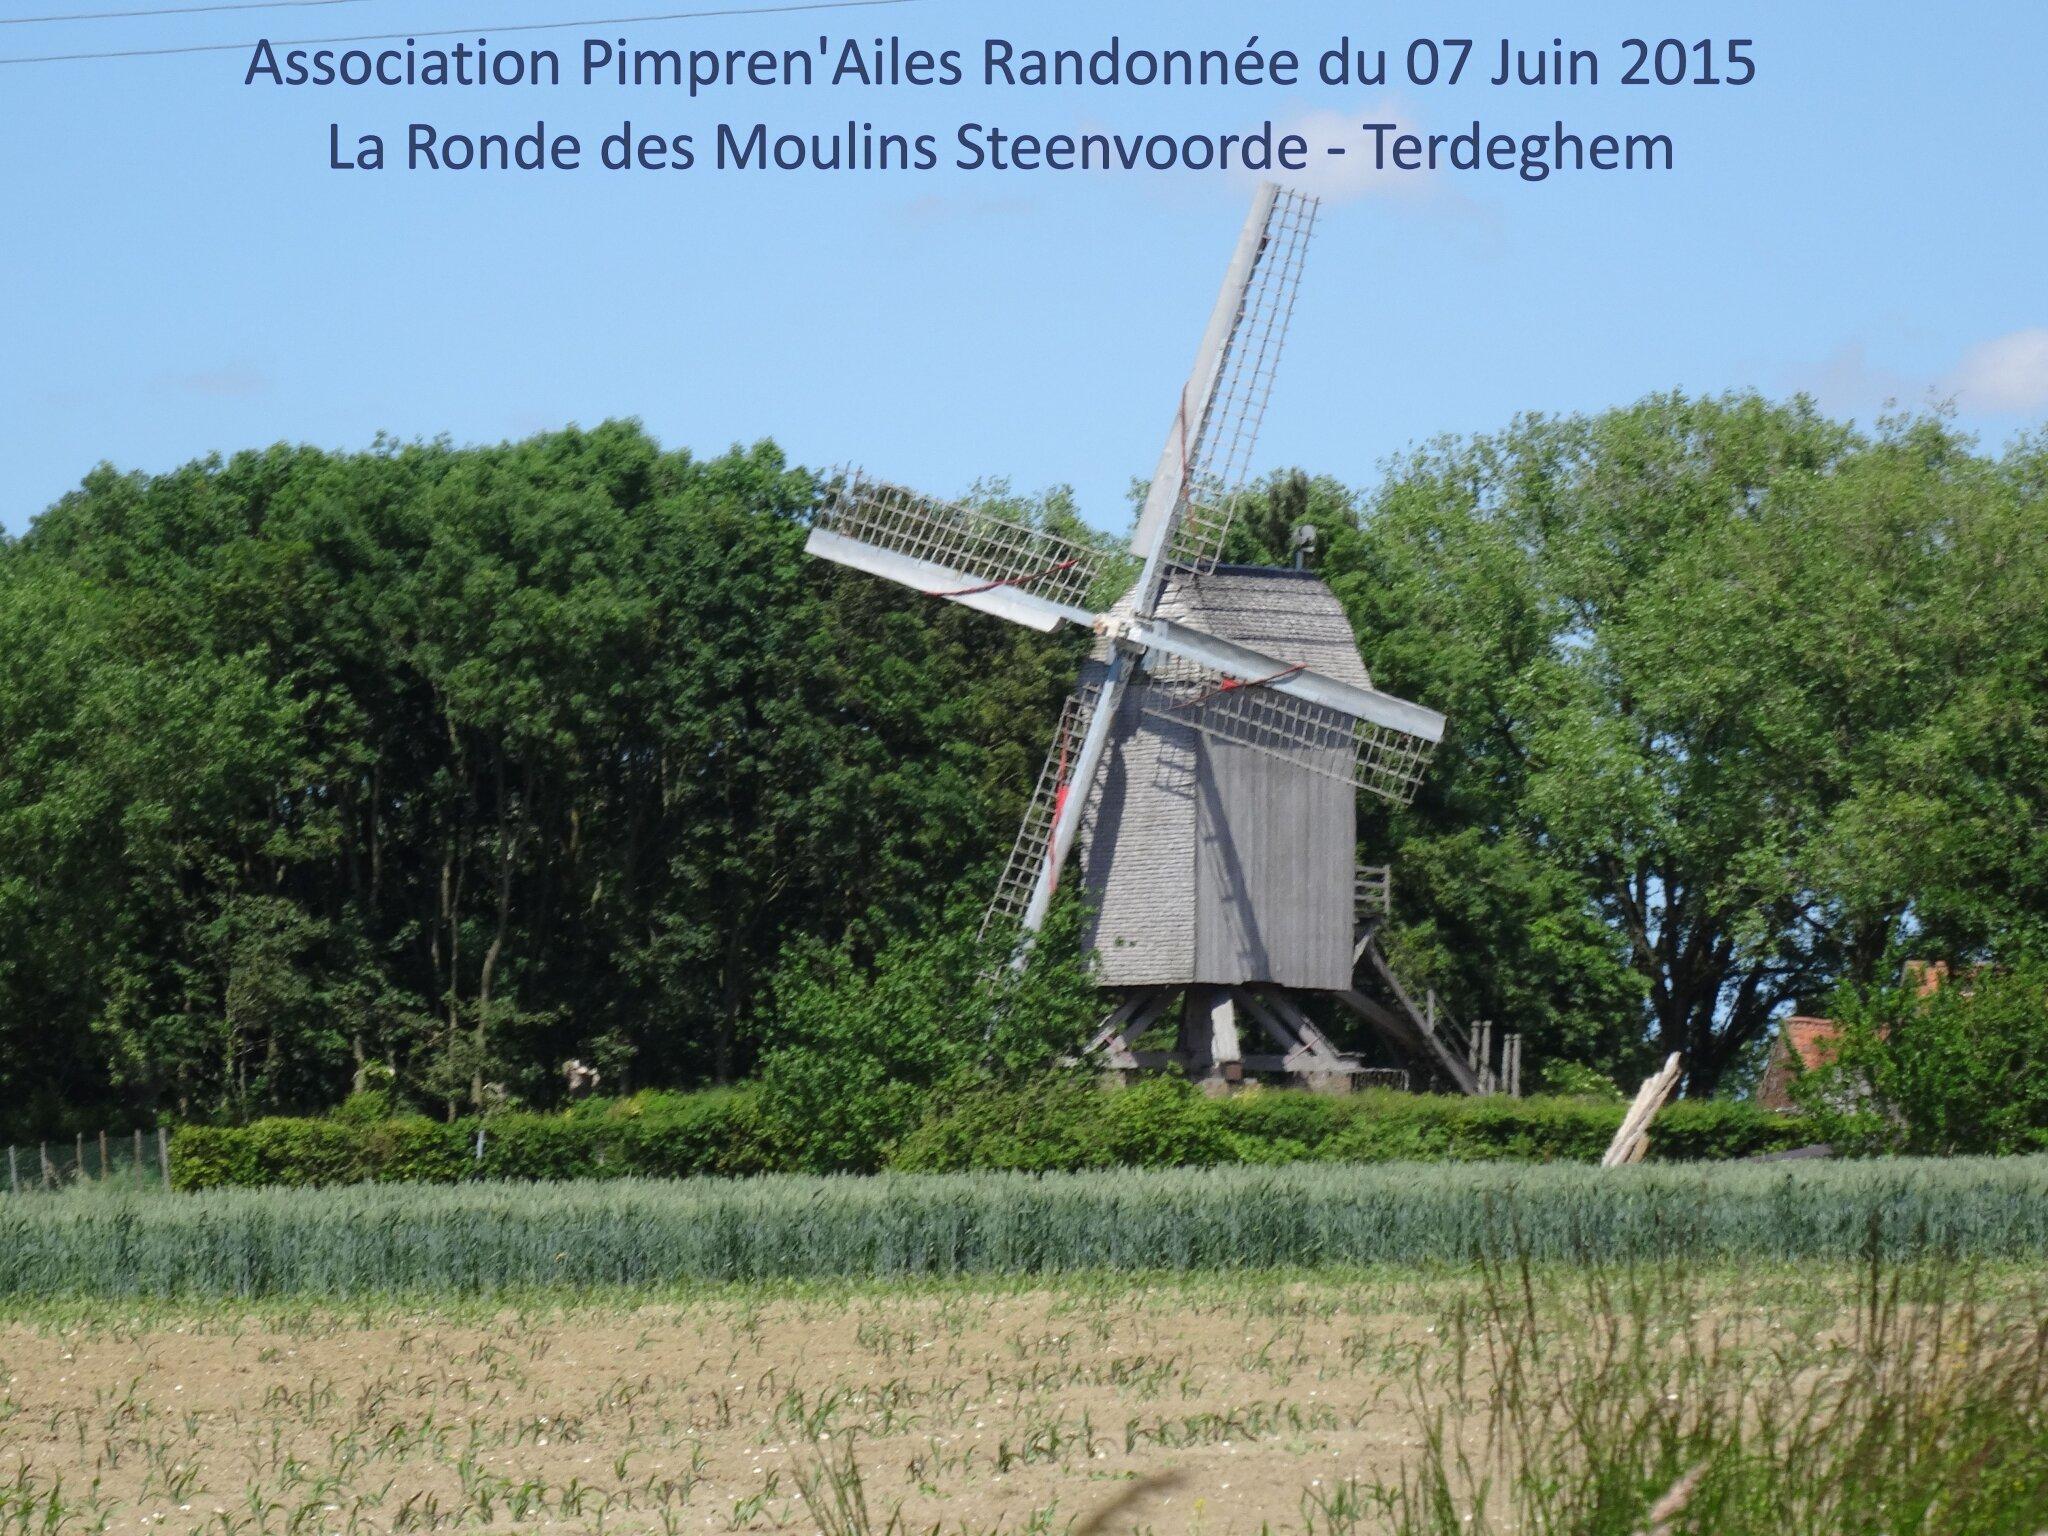 Pimpren'Ailes randonne en Flandre Intérieure : La Ronde des Moulins